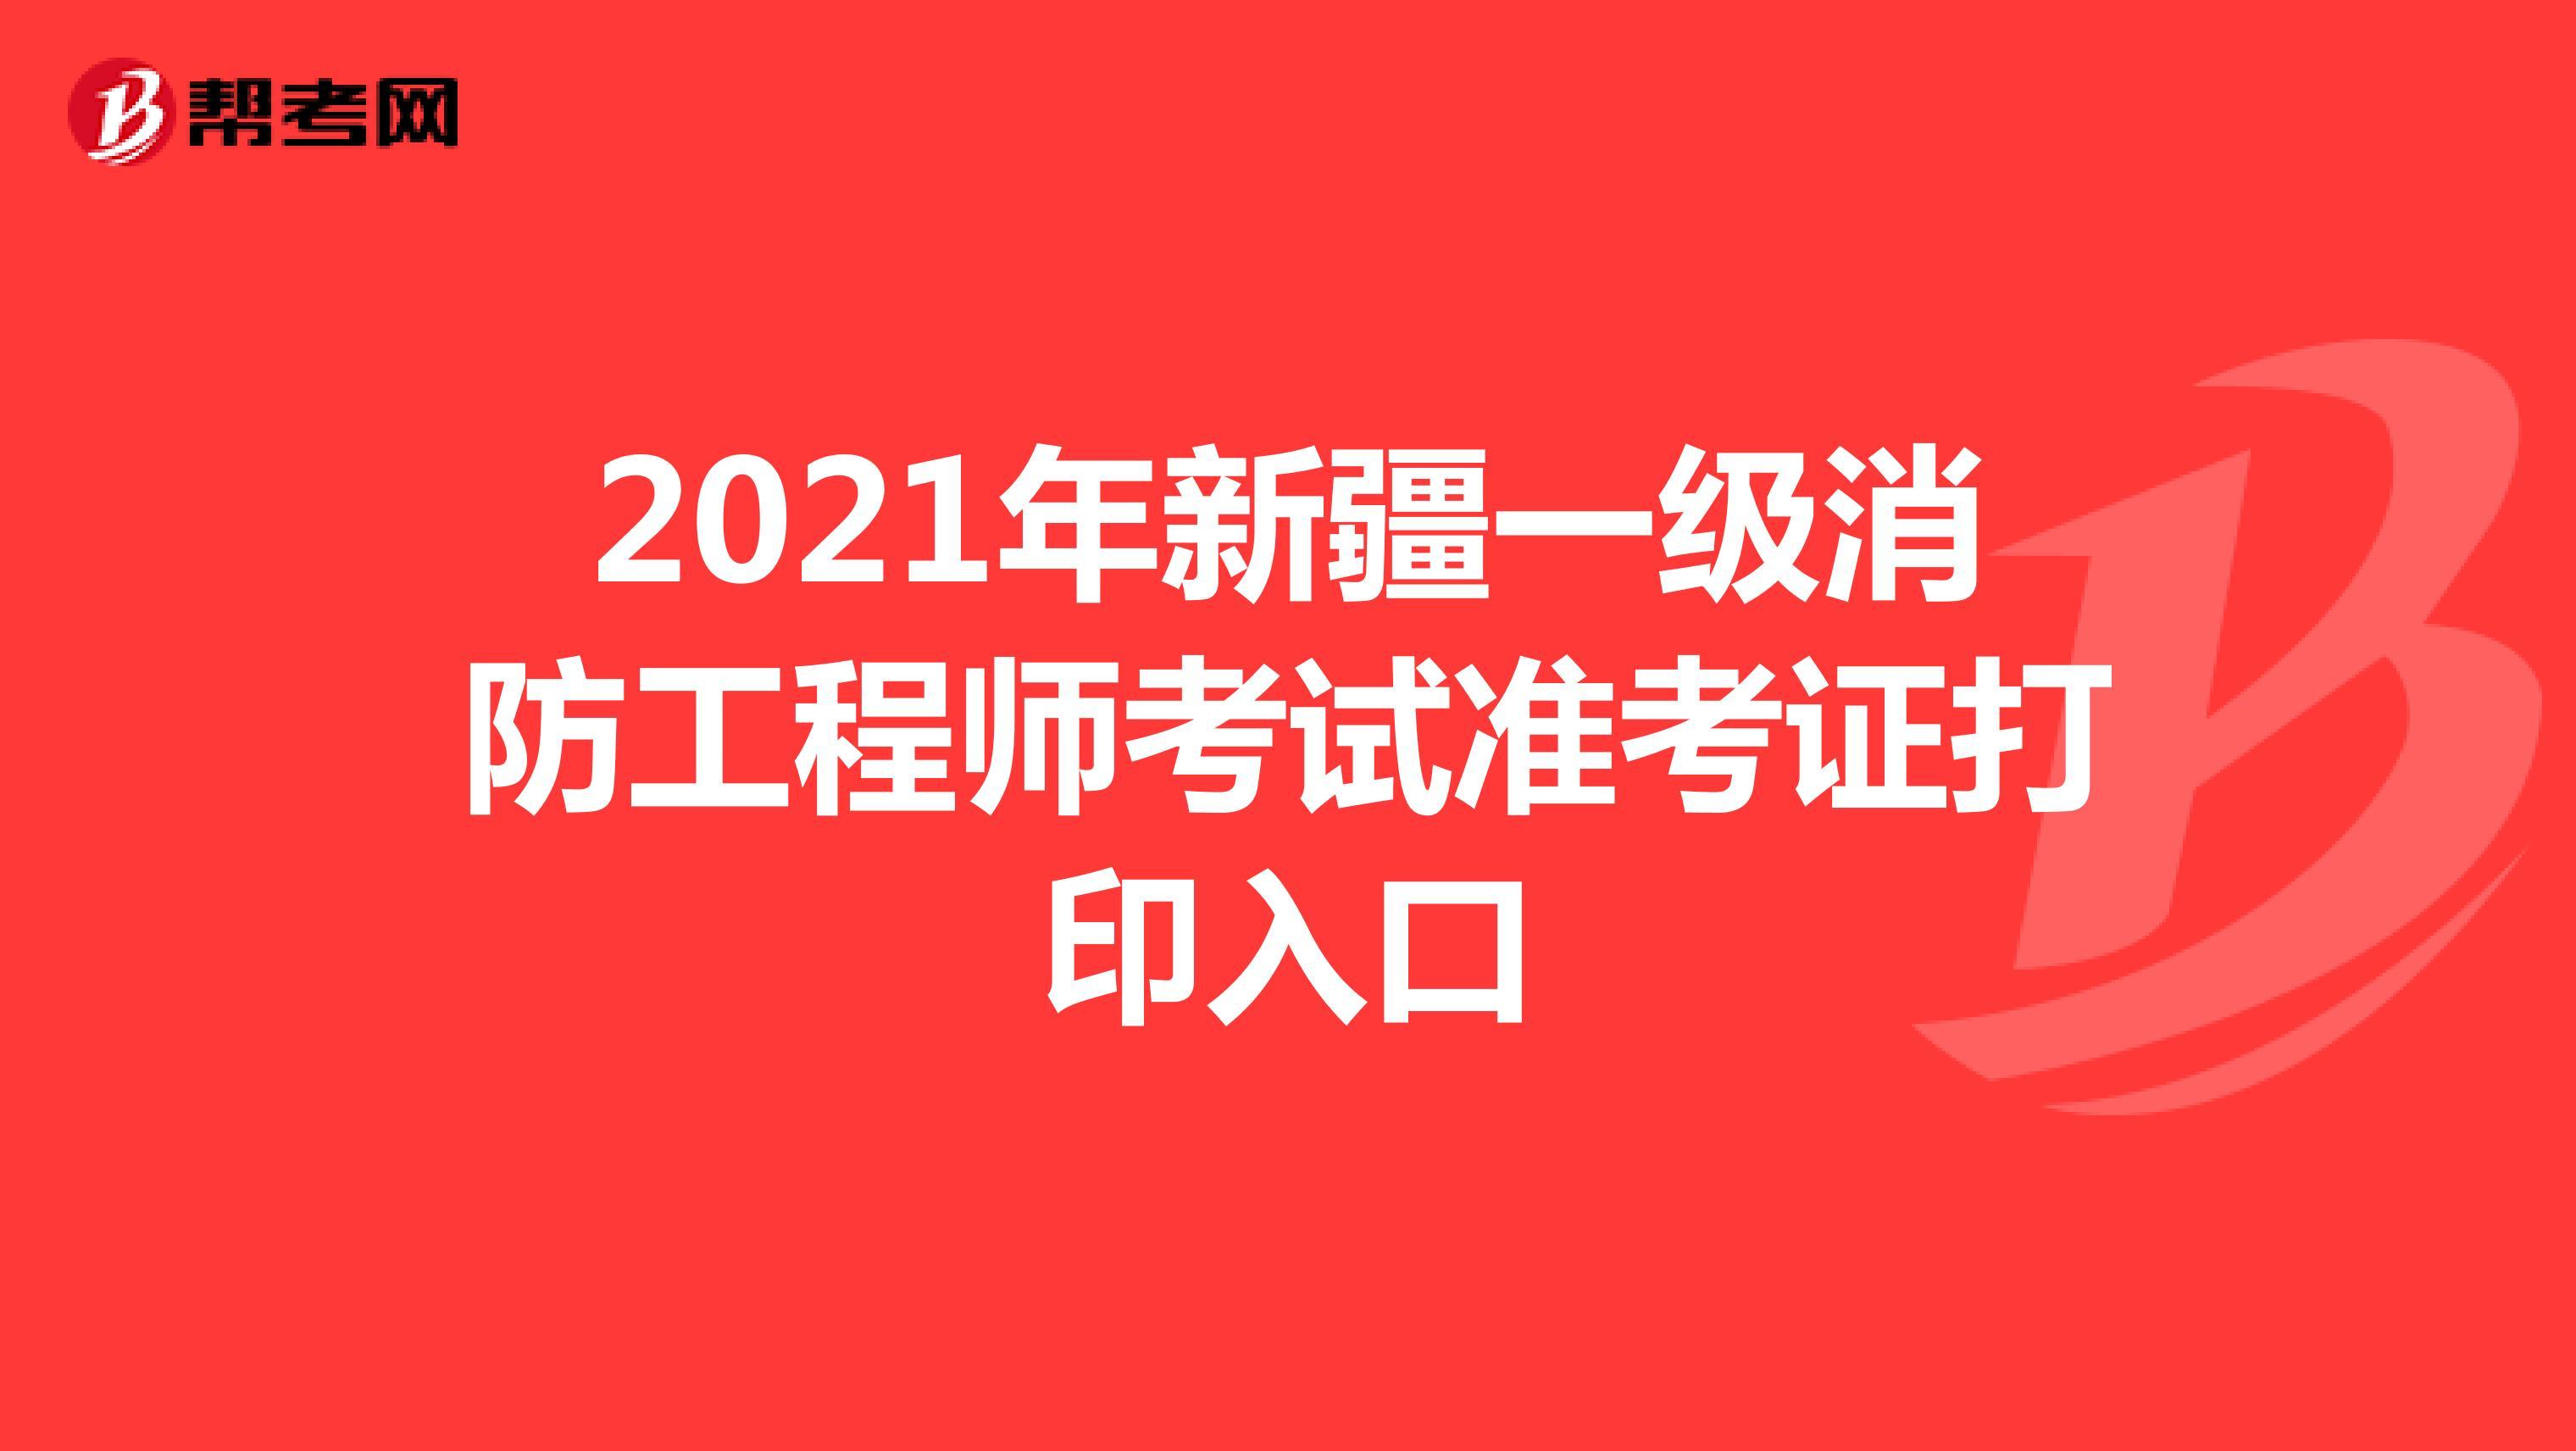 2021年新疆一级消防工程师考试准考证打印入口